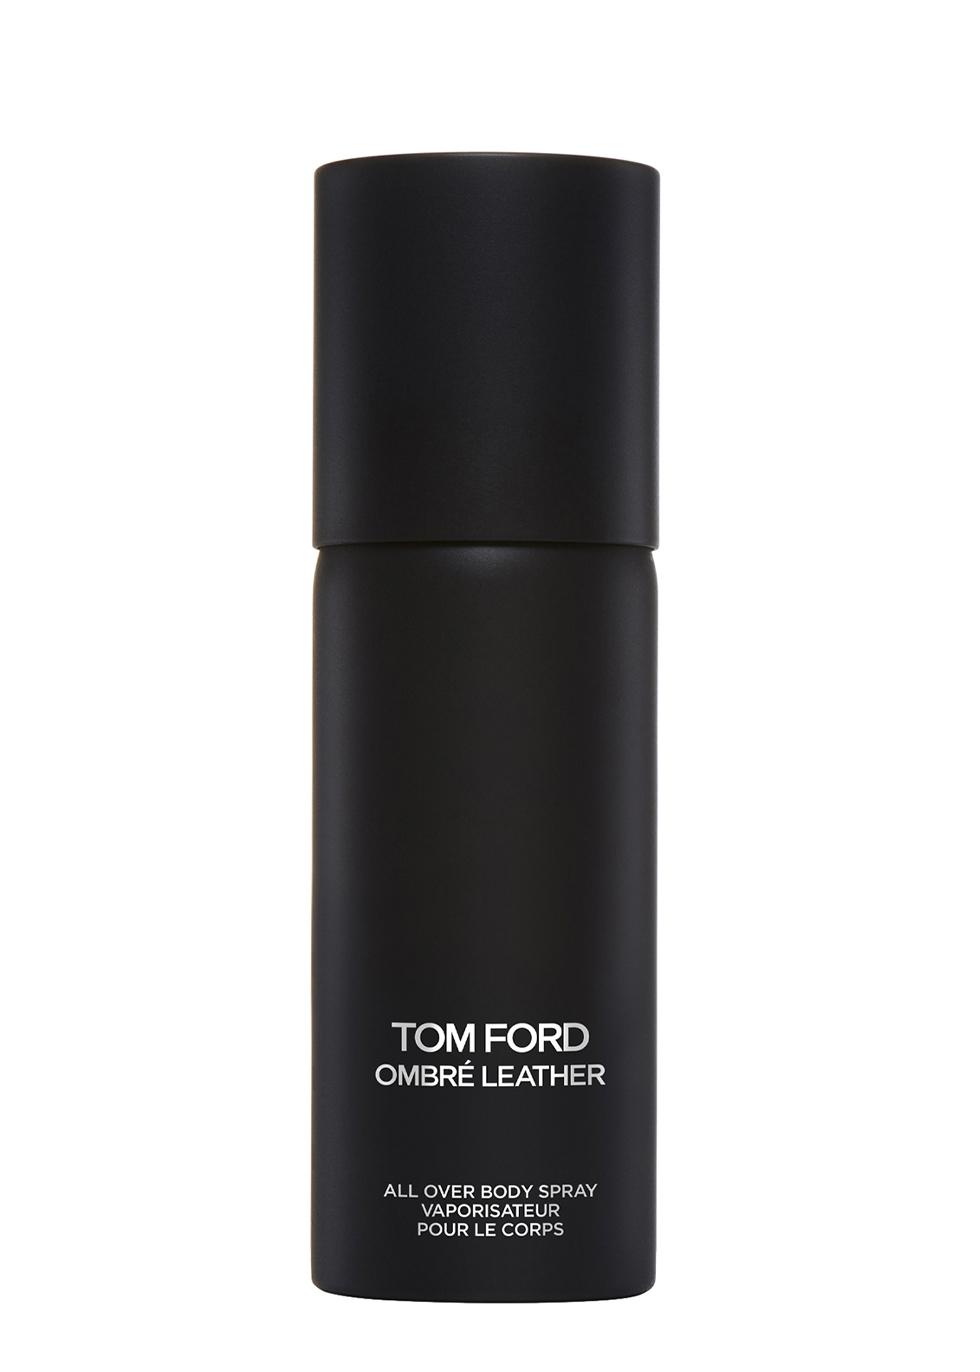 Ombré Leather All Over Body Spray 150ml